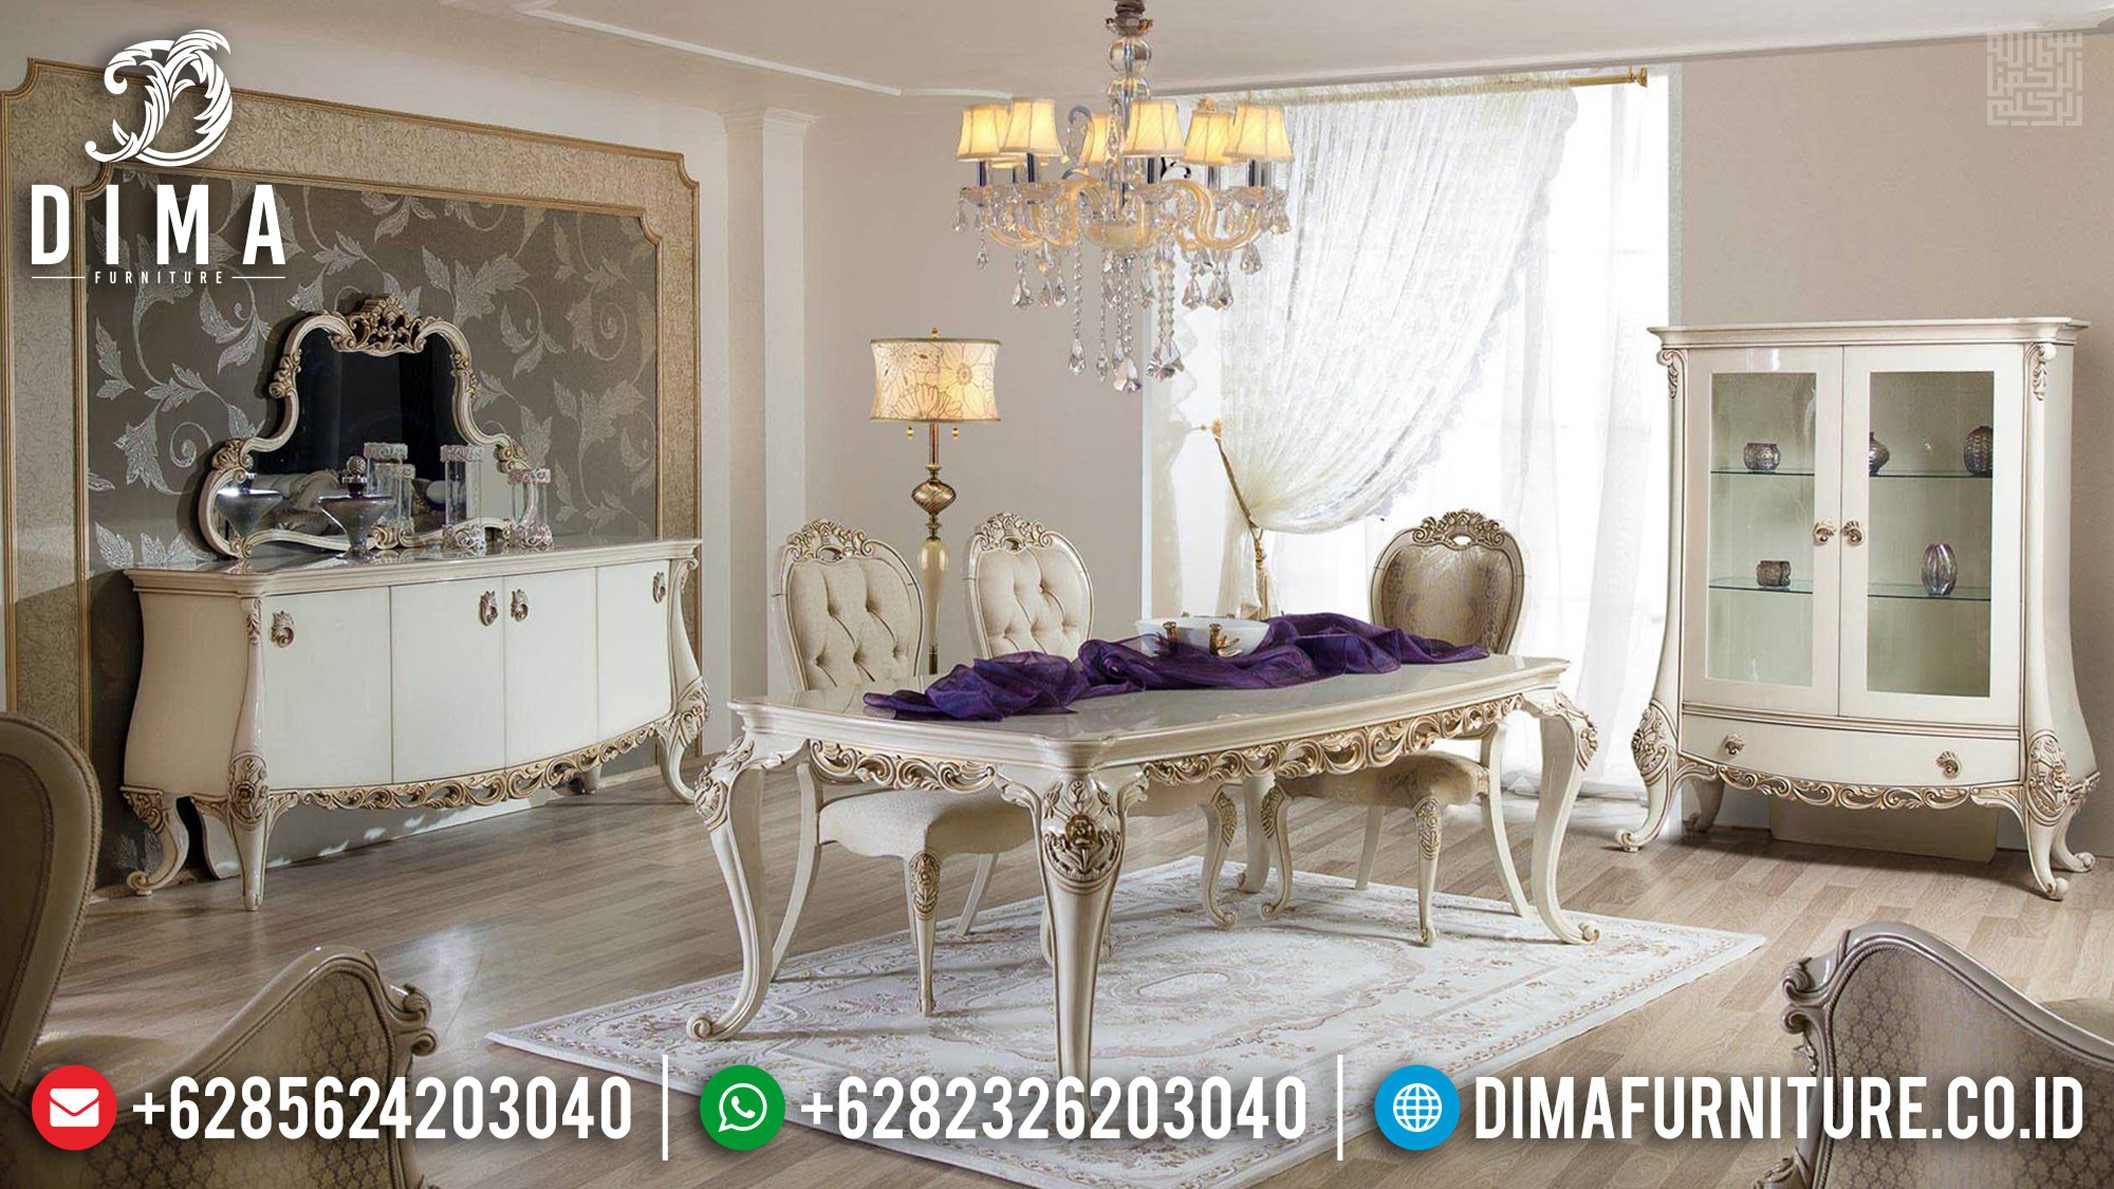 Sale Furniture Jepara Meja Makan Klasik Mewah Premiere DF-1178